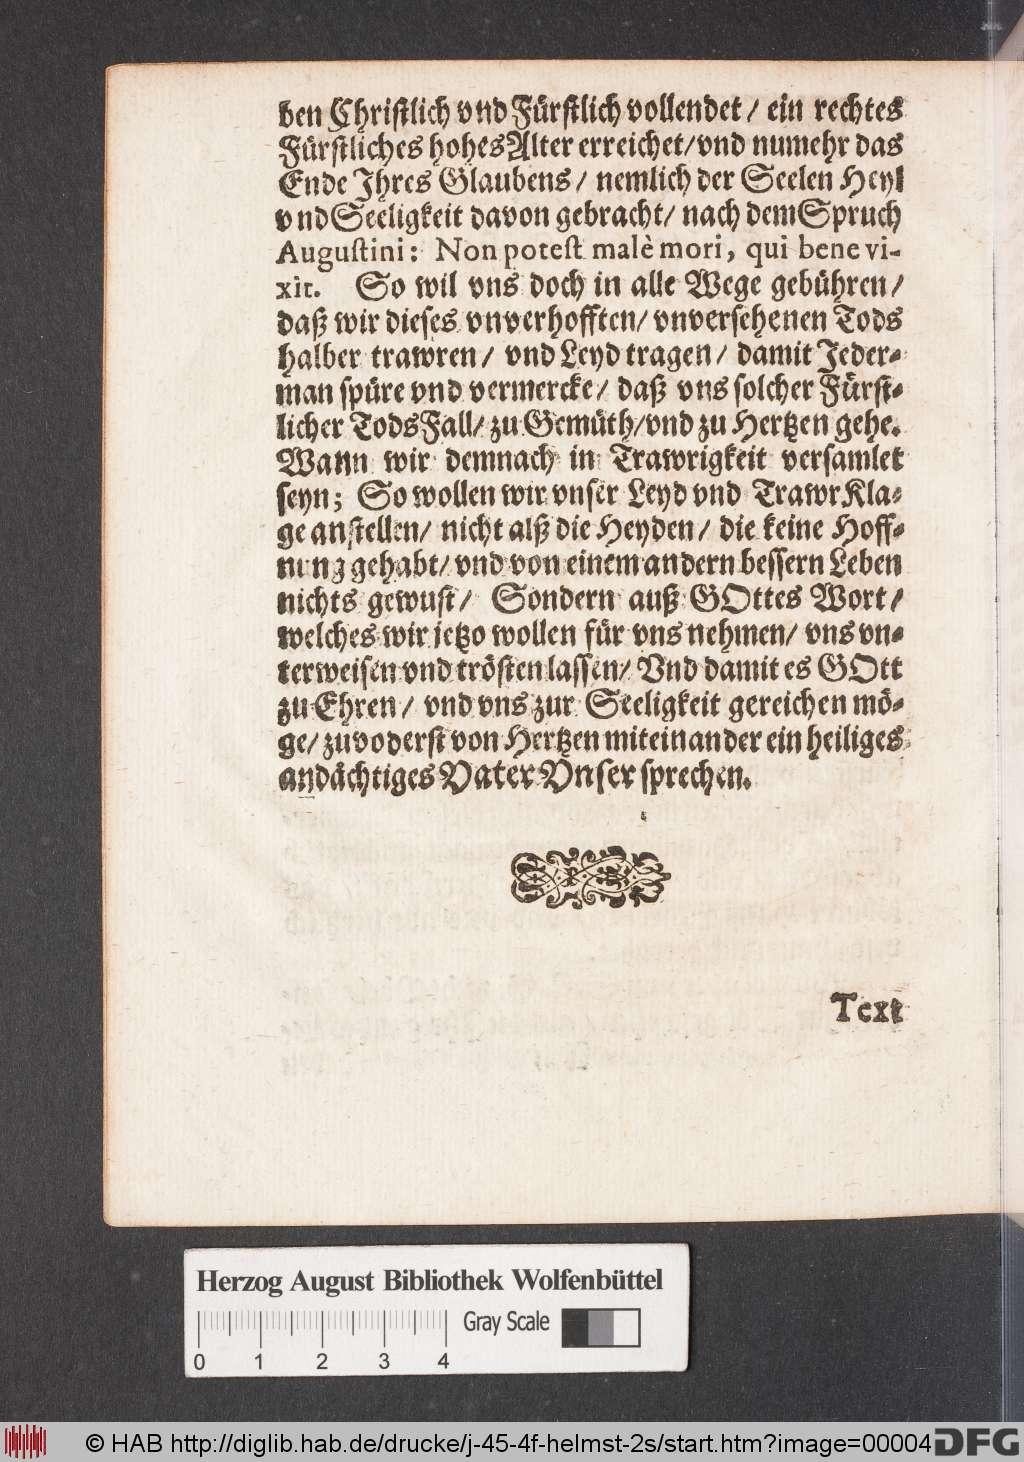 http://diglib.hab.de/drucke/j-45-4f-helmst-2s/00004.jpg